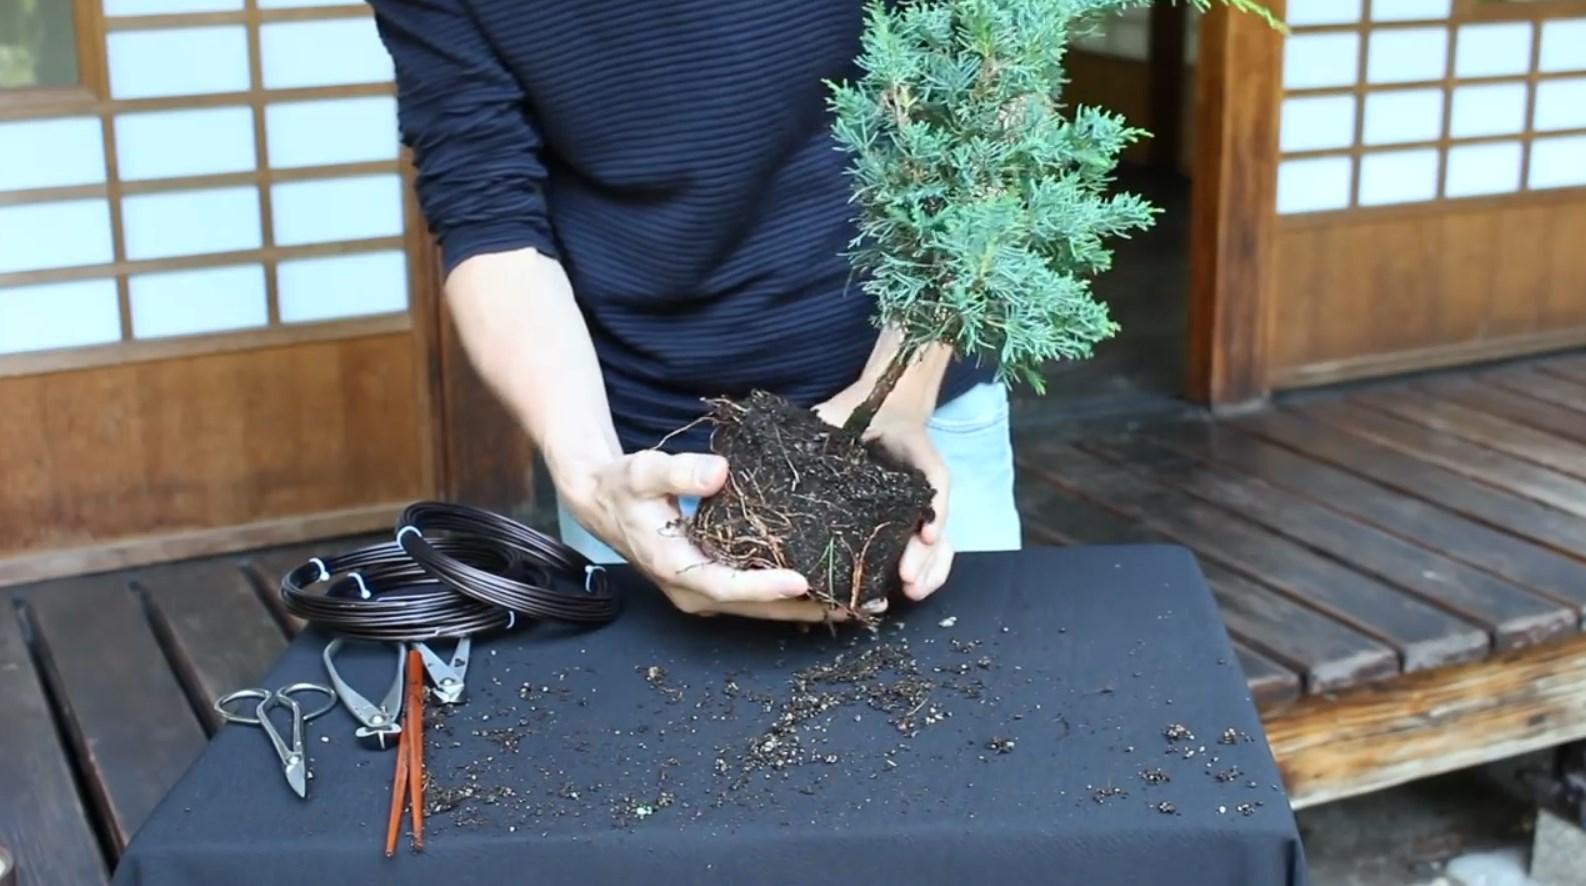 07.-Como-crear-un-bonsai-de-enebro-limpieza-2.jpg